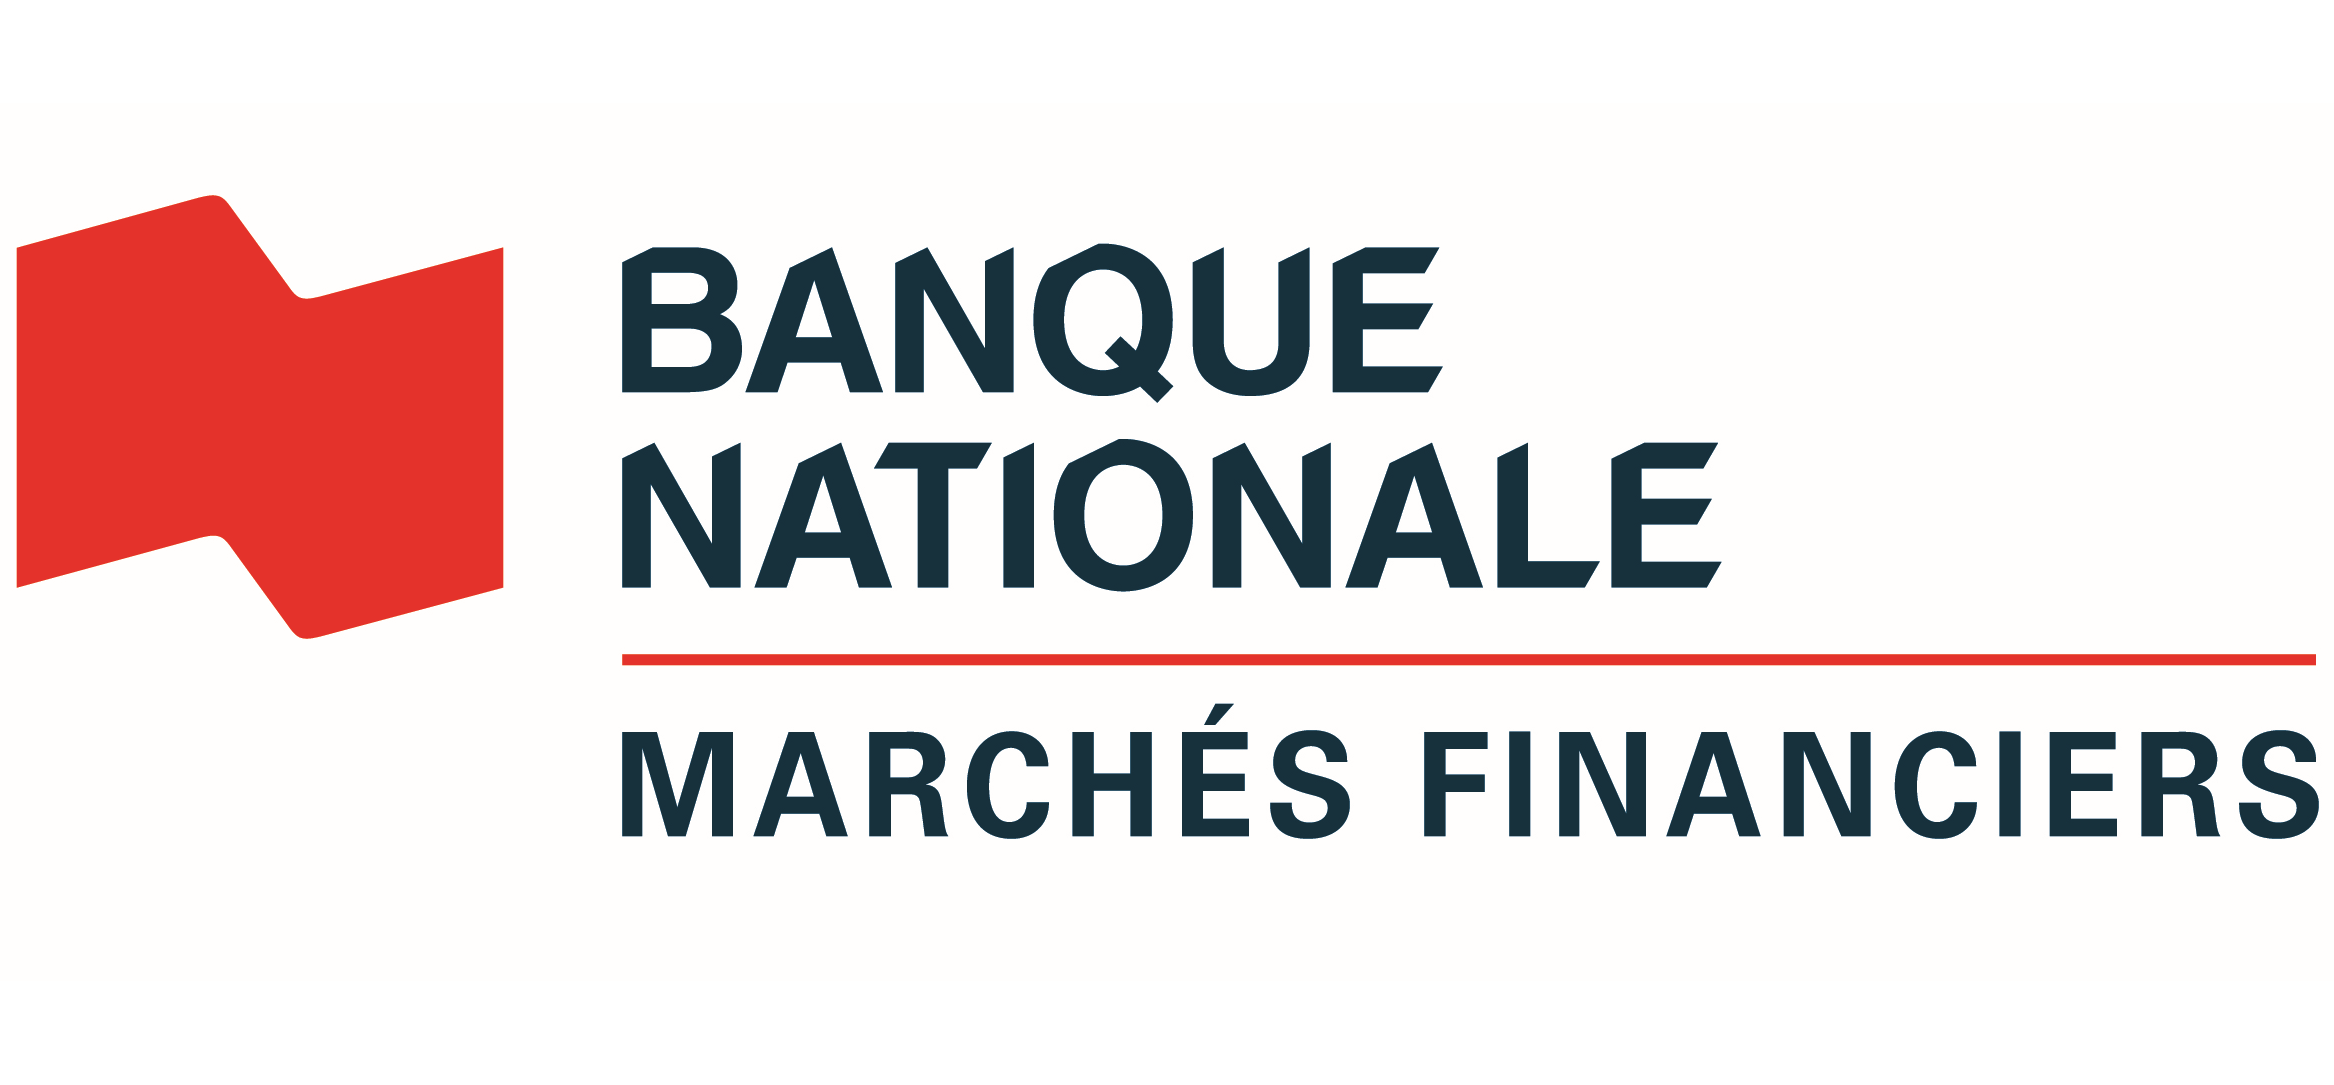 Banque Nationale Marchés Financiers